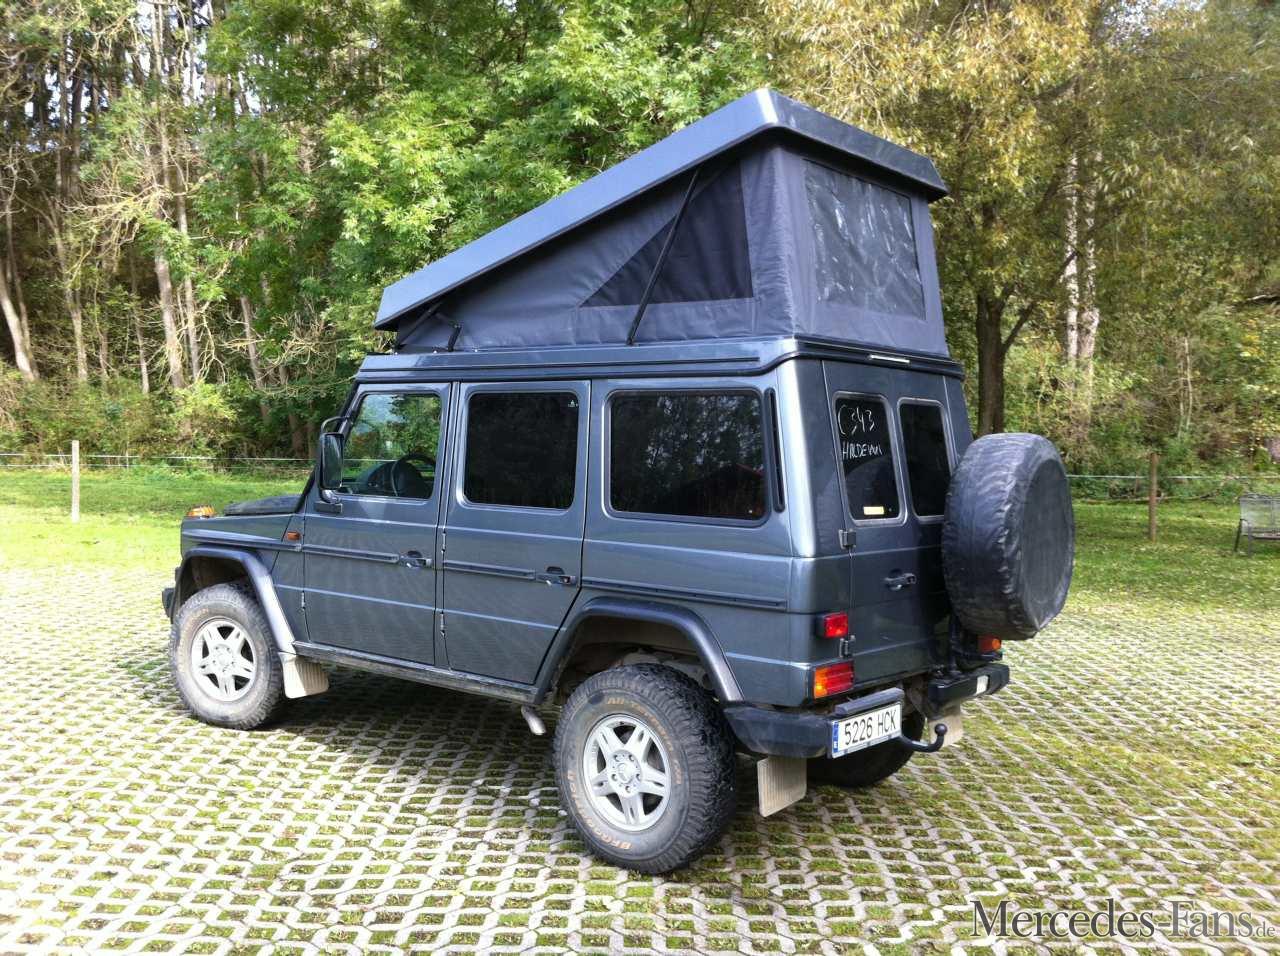 mercedes g reisemobile g klasse gut bedacht mit. Black Bedroom Furniture Sets. Home Design Ideas